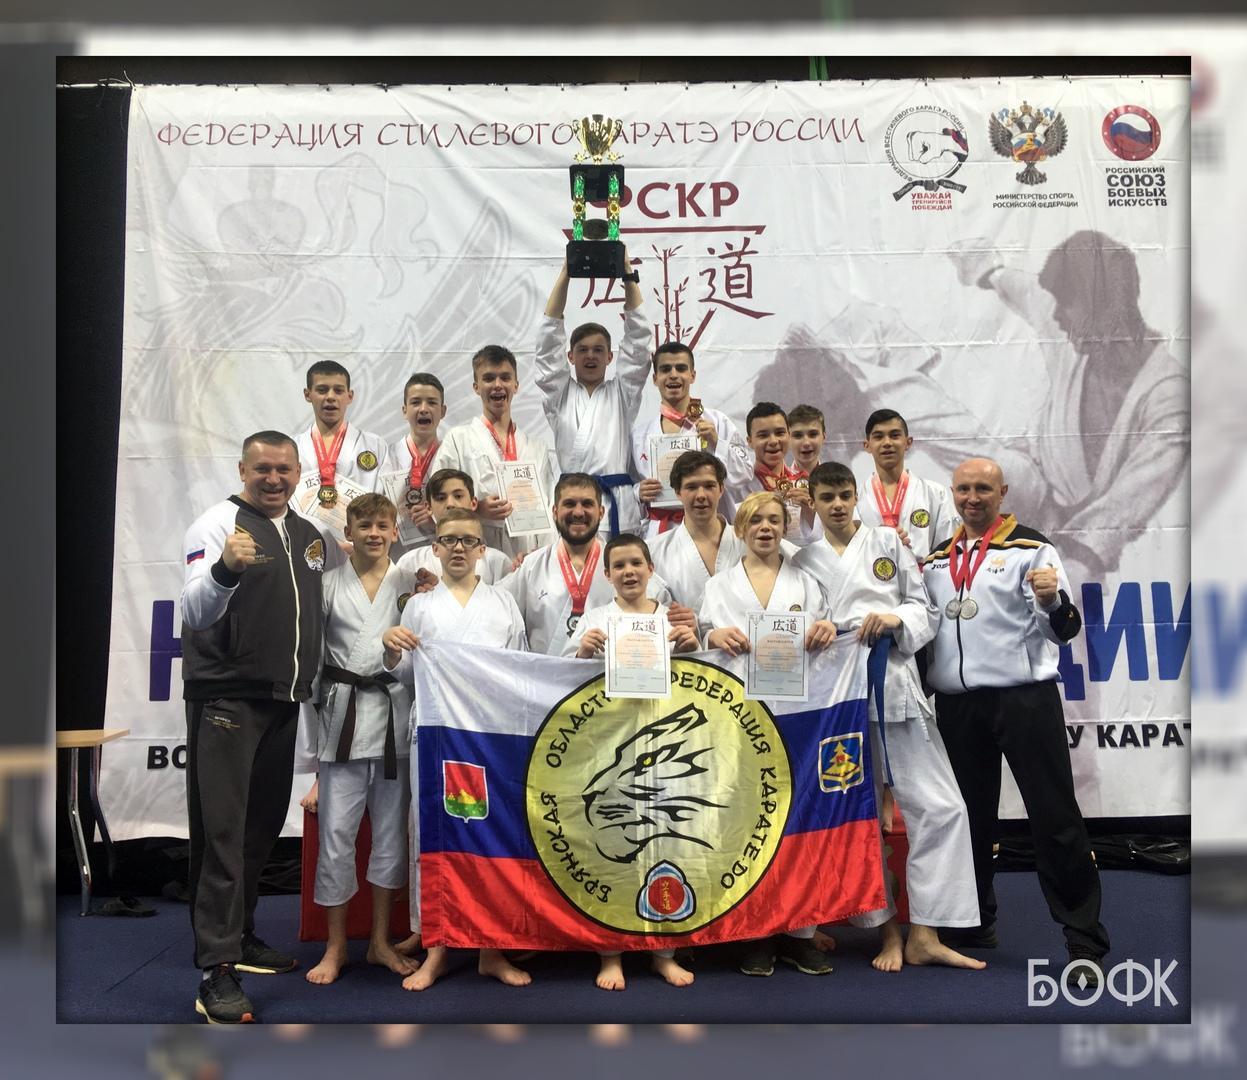 Брянские спортсмены заняли третье место на всероссийских соревнованиях по каратэ